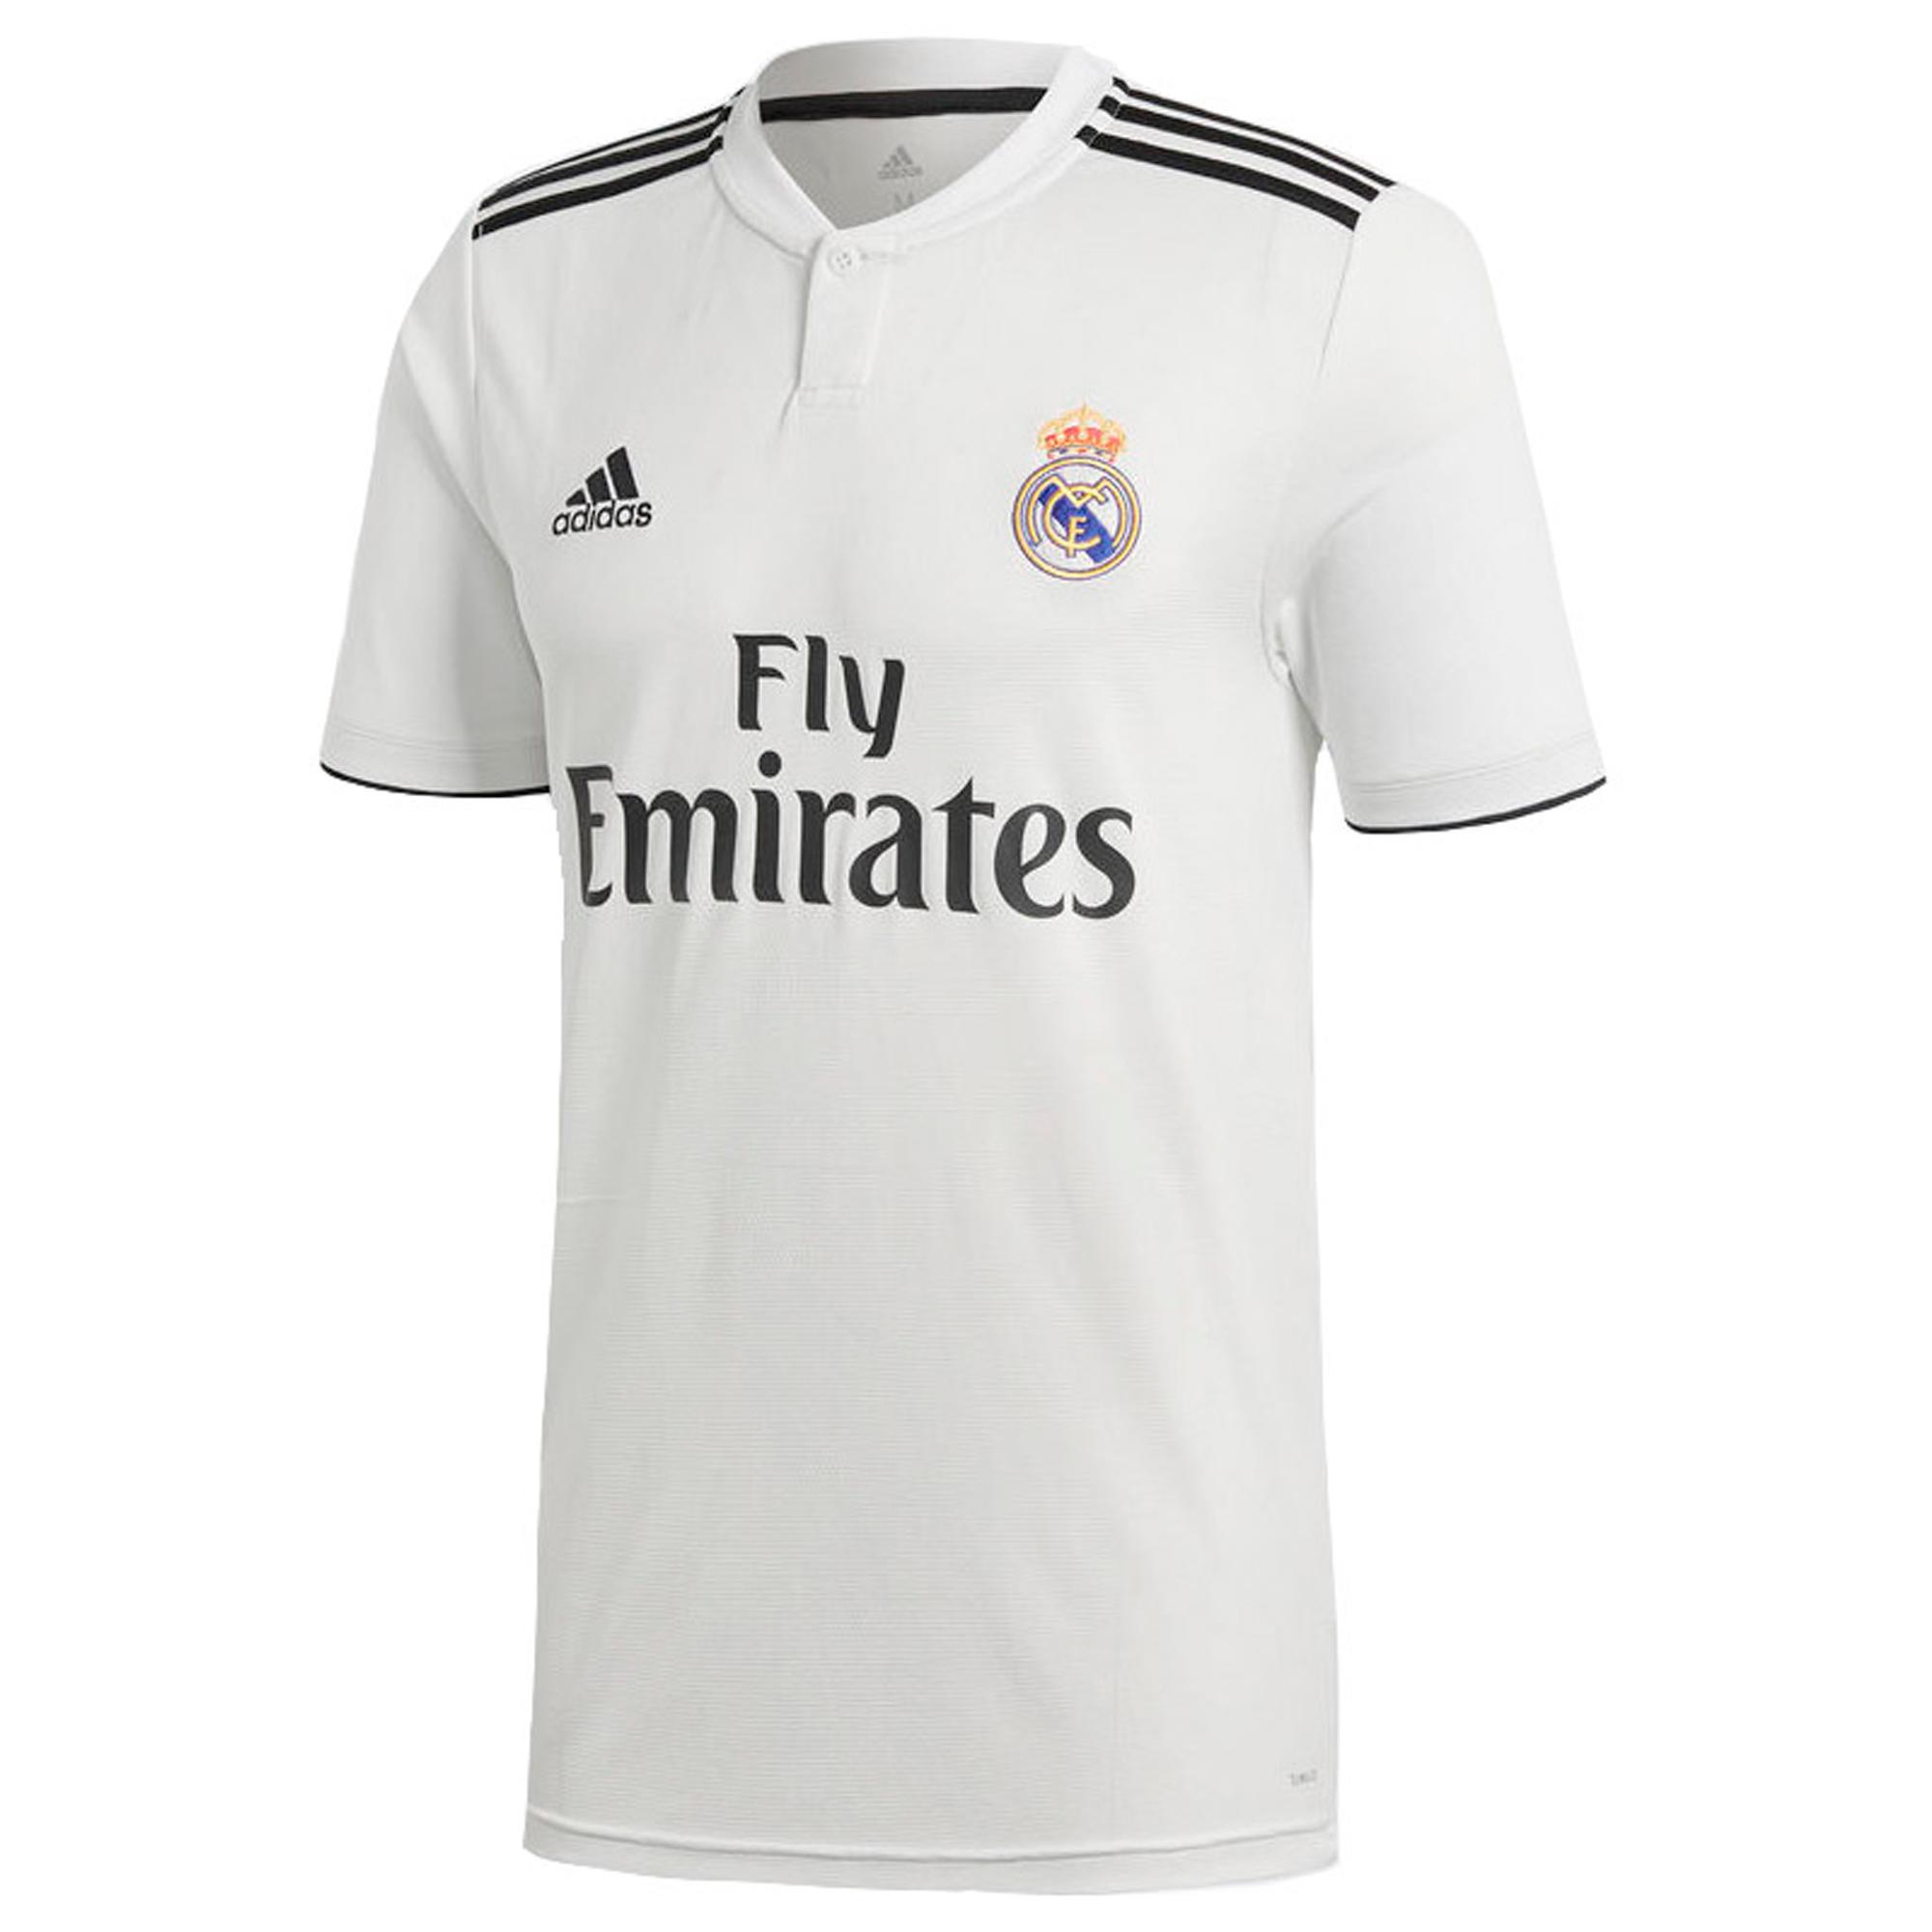 c1f8420de Camiseta de Fútbol Adidas oficial Real Madrid C.F. 1ª equipación niños  2018 2019